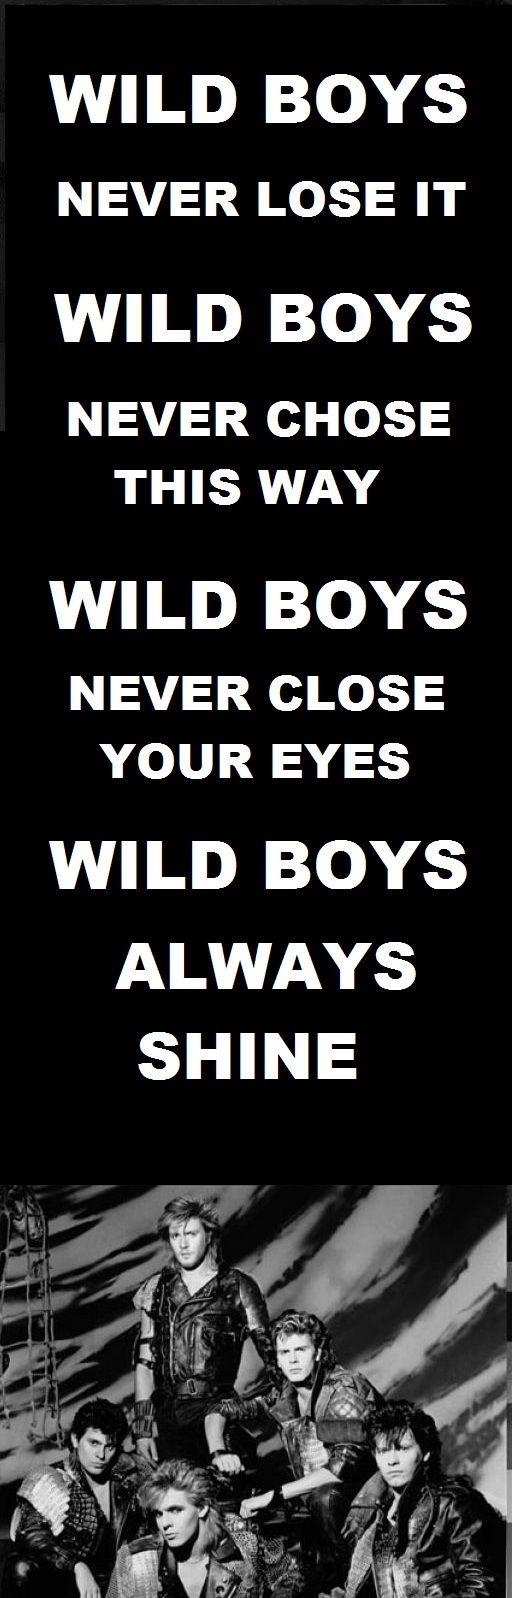 26 ΑΠΡΙΛΙΟΥ ....το 1960, γεννήθηκε ο μουσικός των Ντουράν Ντουράν, Ρότζερ Τέιλορ. Duran Duran - Wild Boys